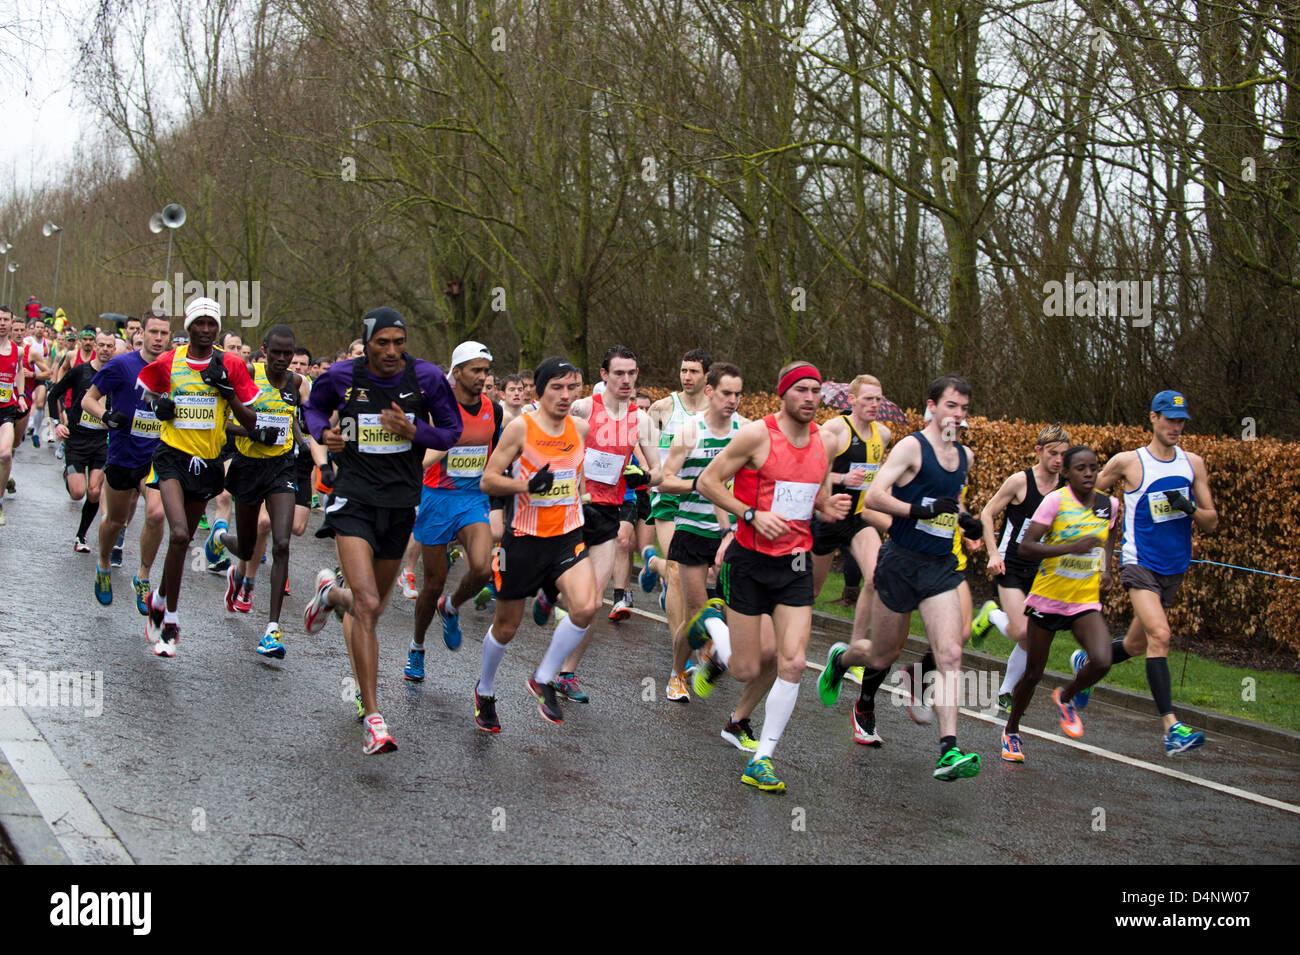 La lettura di mezza maratona, REGNO UNITO, 17 marzo 2013, guide di piombo a partire. Immagini Stock